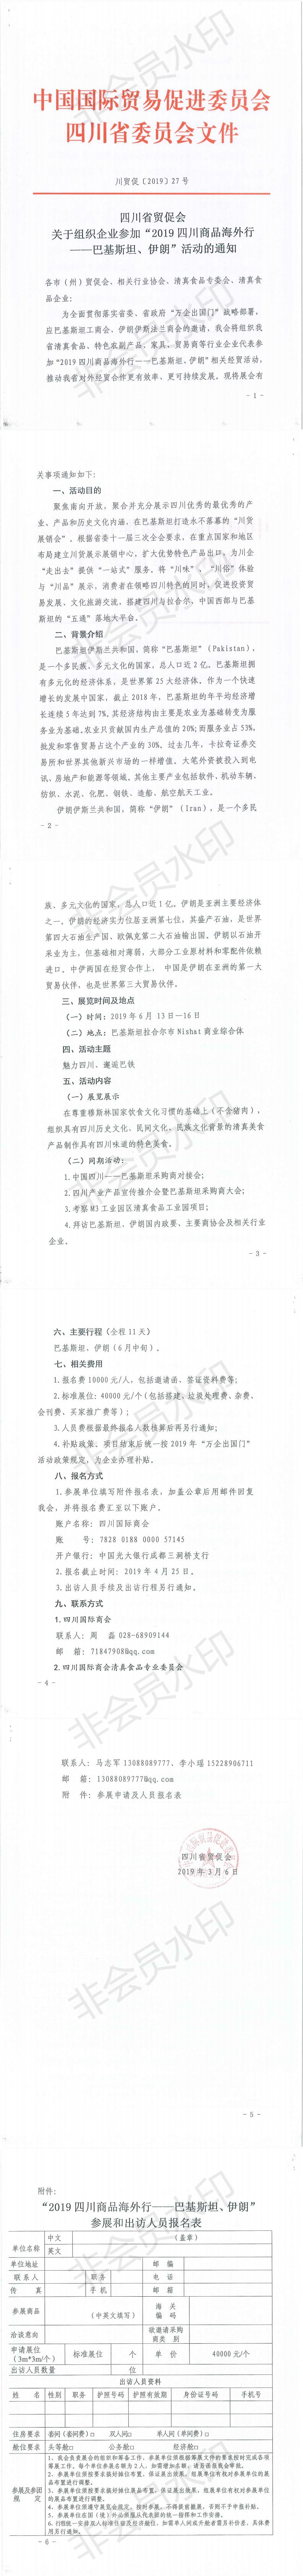 """""""巴基斯坦""""—四川商品海外行""""通知_0"""